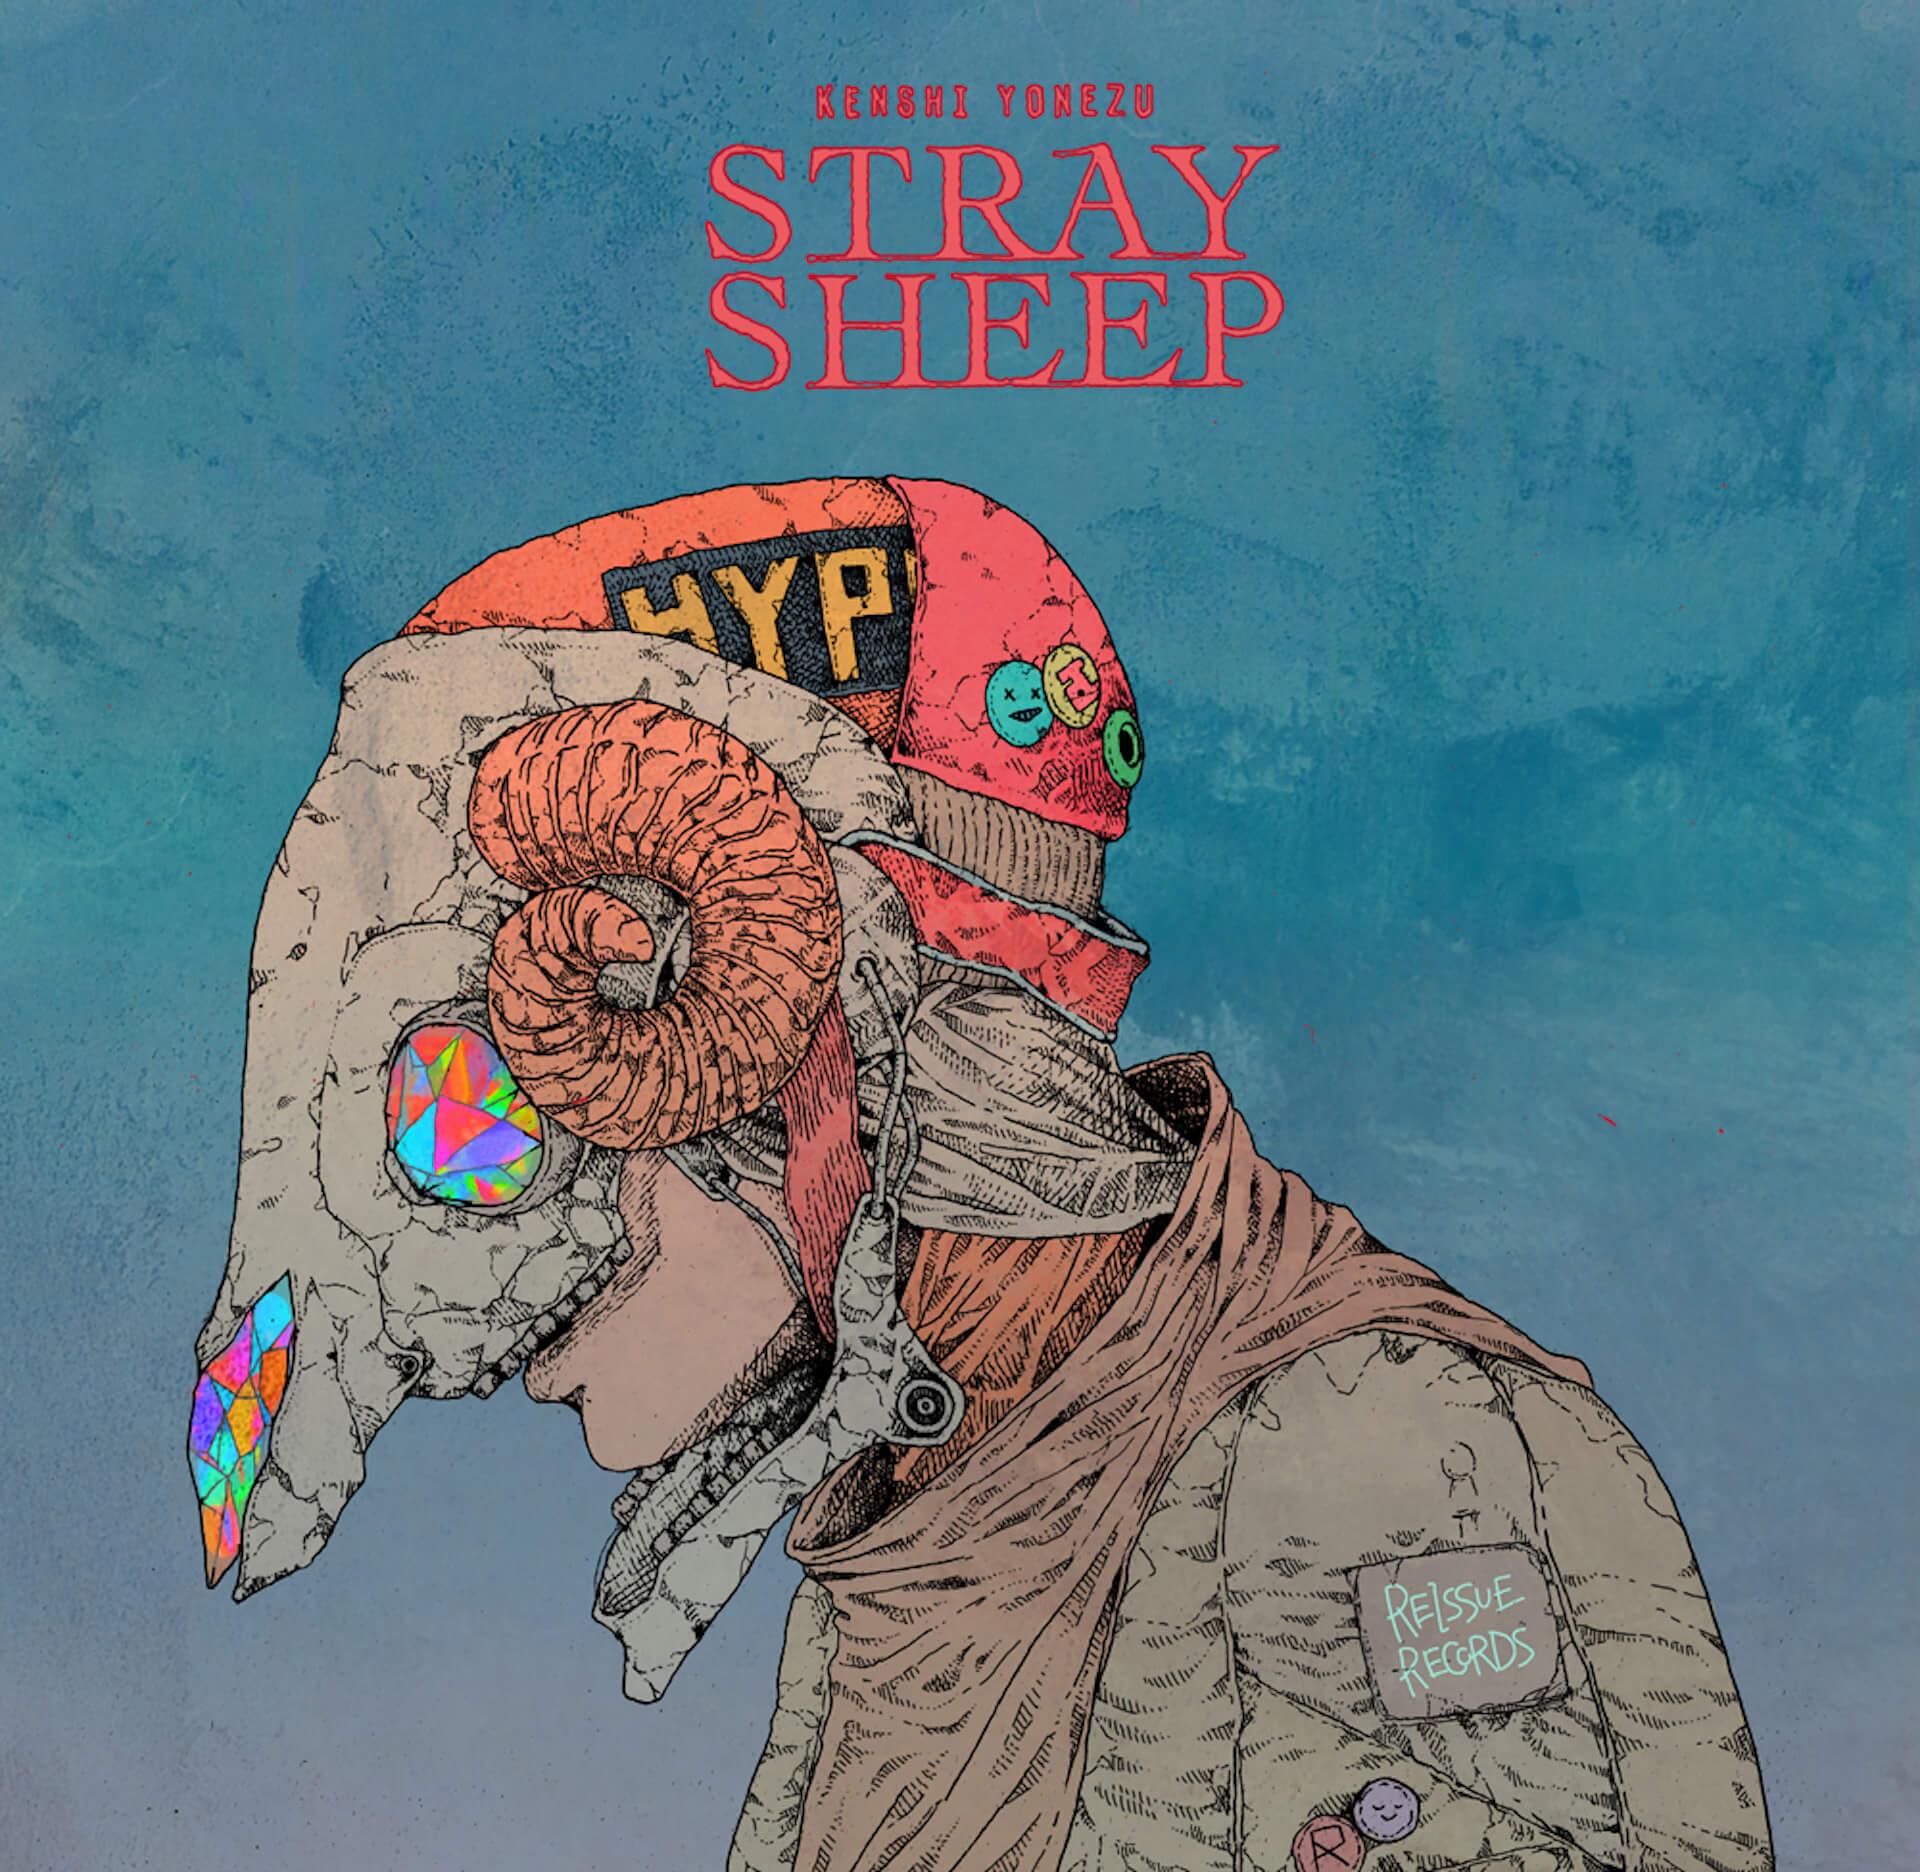 米津玄師『STRAY SHEEP』が国内外のチャートを席捲!『フォートナイト』パーティーロイヤル今夜出演 music200807_yonezukenshi_3